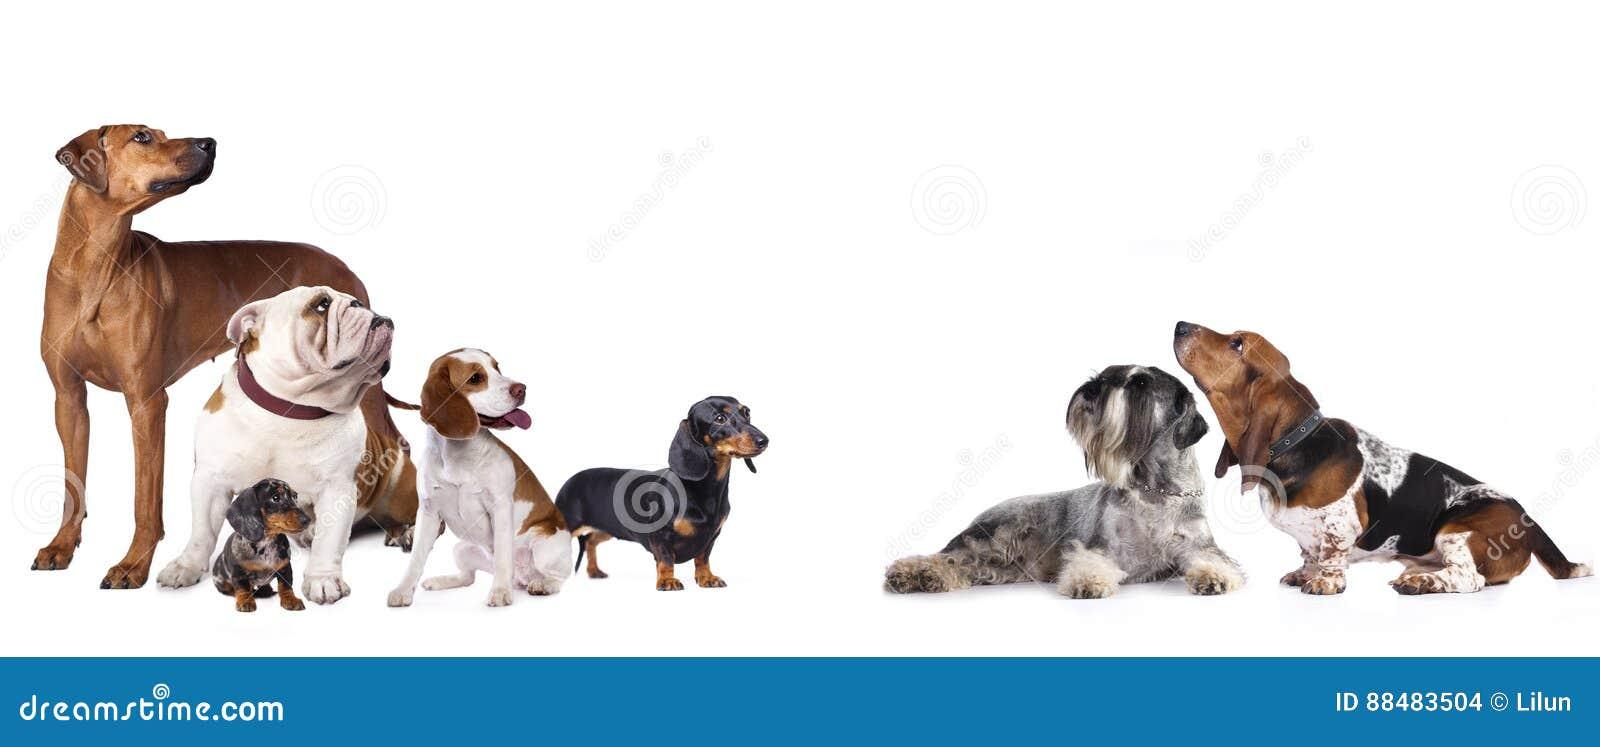 мир глуши природы группы собак русский